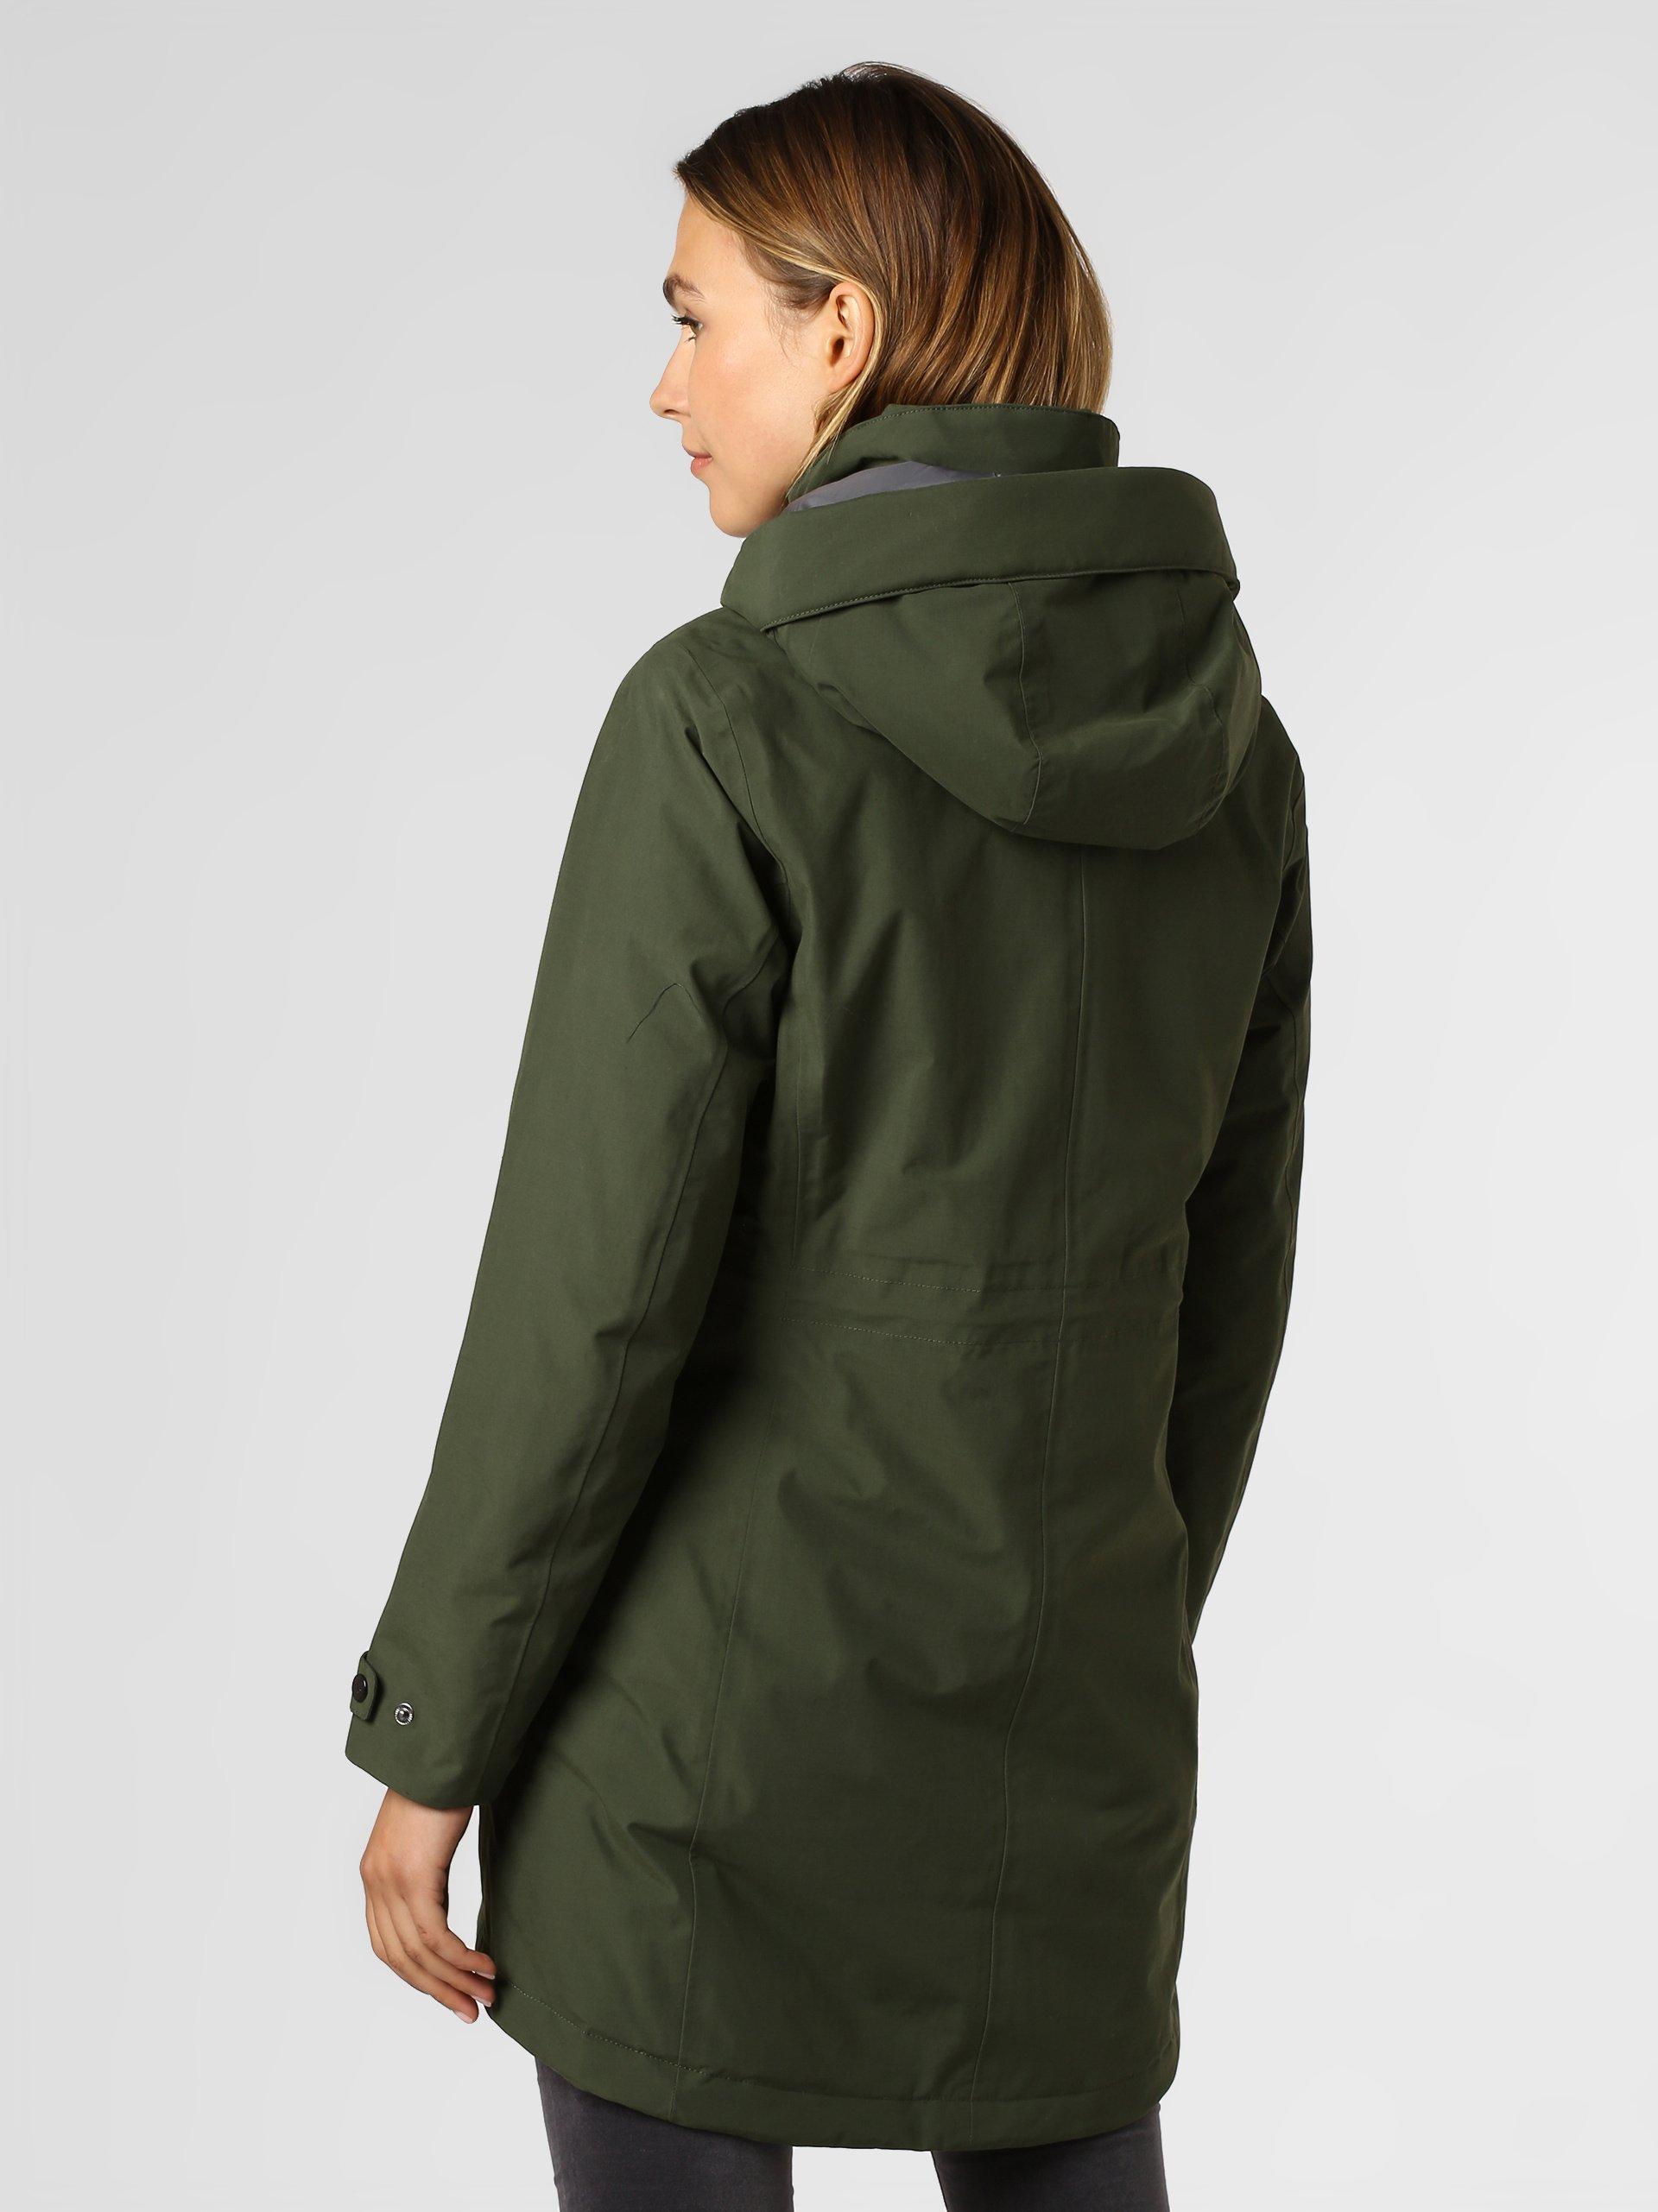 Didriksons Damski płaszcz funkcyjny – Sara